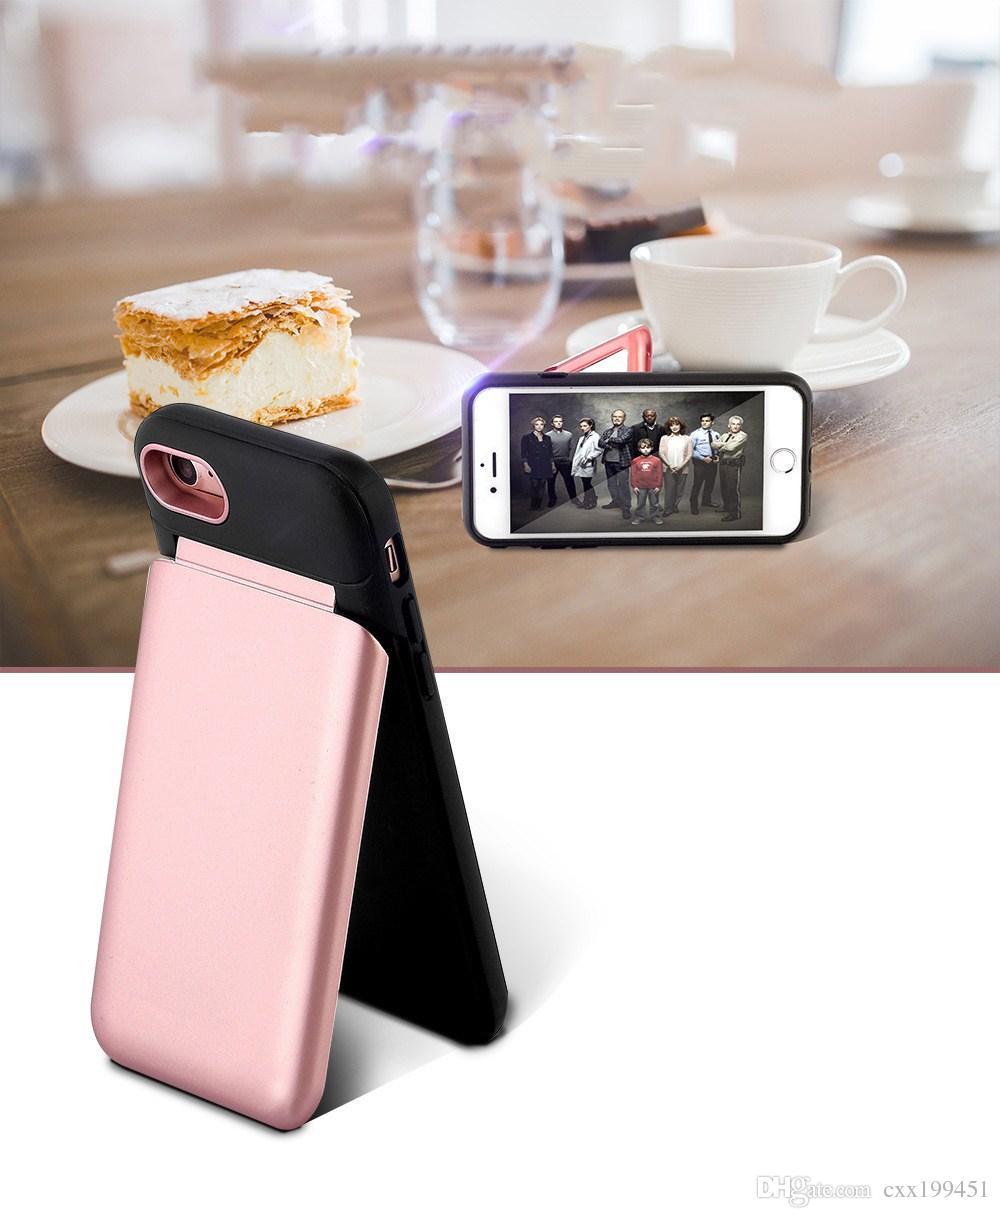 Venda quente 2 em 1 caso espelho slot de cartão de fluxo de água delux mulheres feminino tampa traseira para iphone x iphone 6 7 8